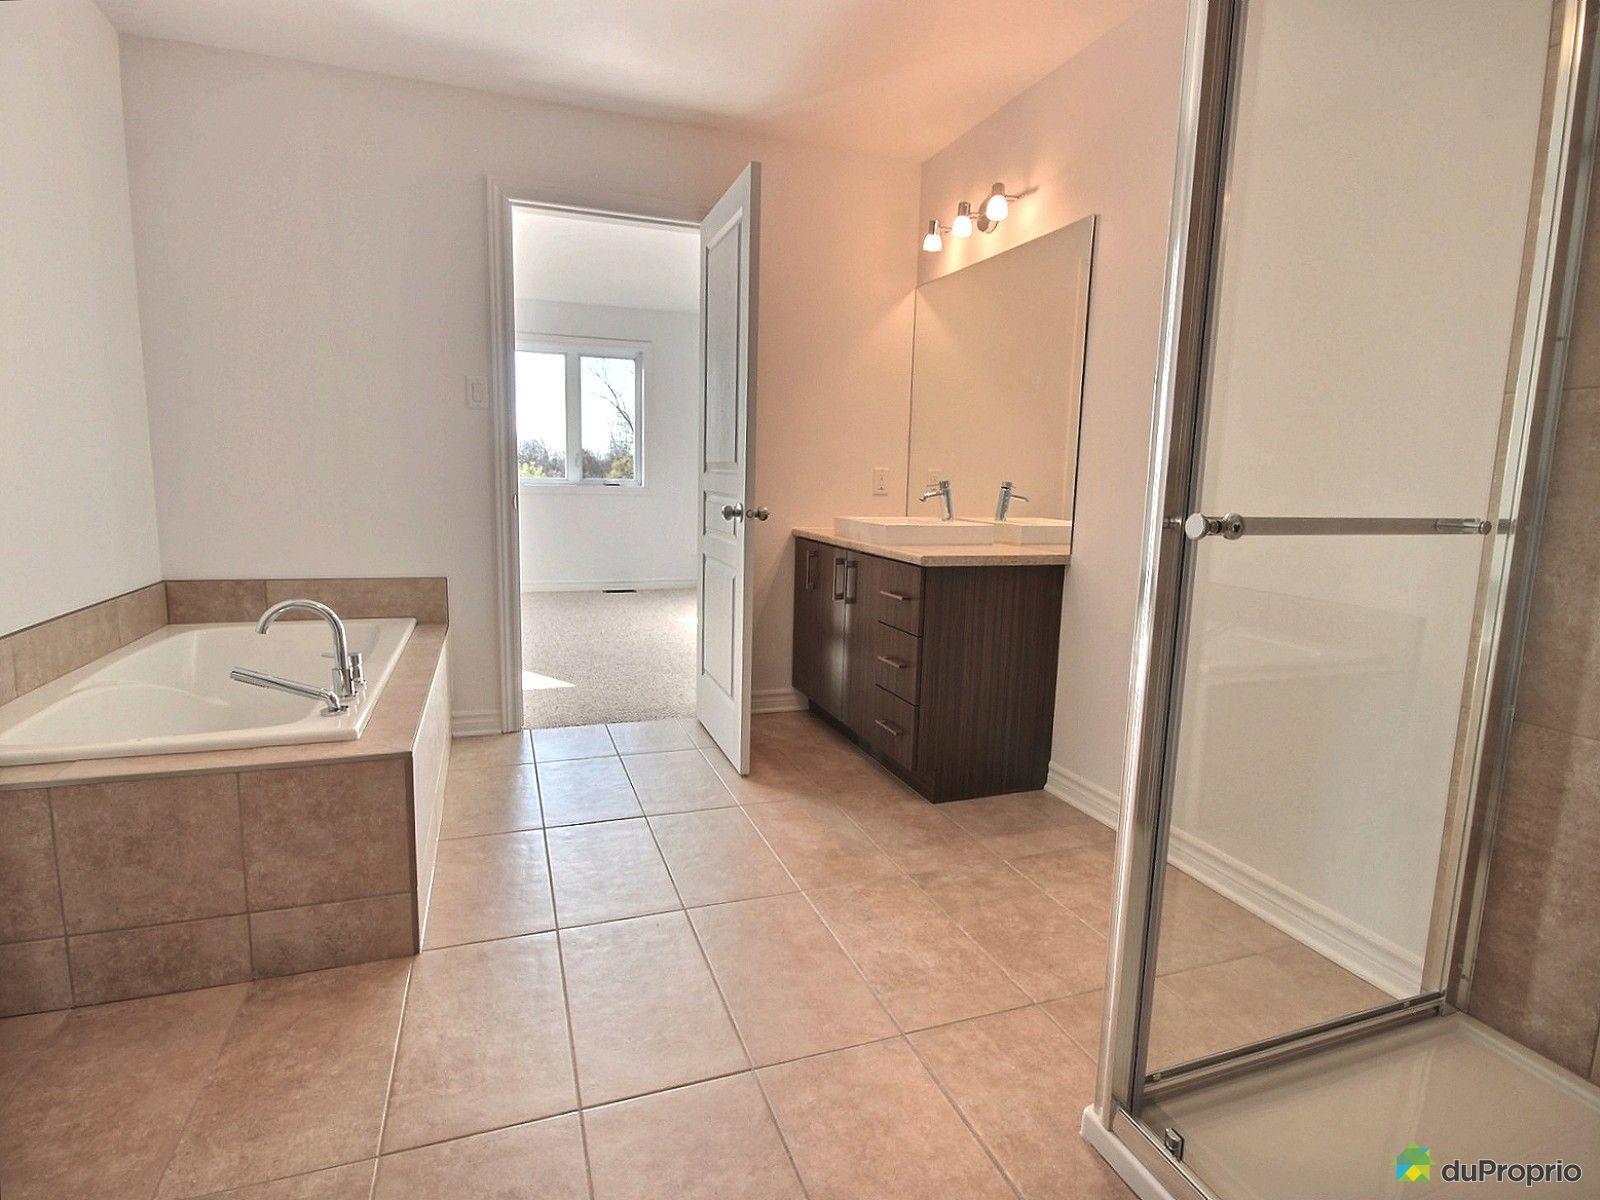 Maison neuve vendu aylmer immobilier qu bec duproprio for Salle de bain commune a deux chambres